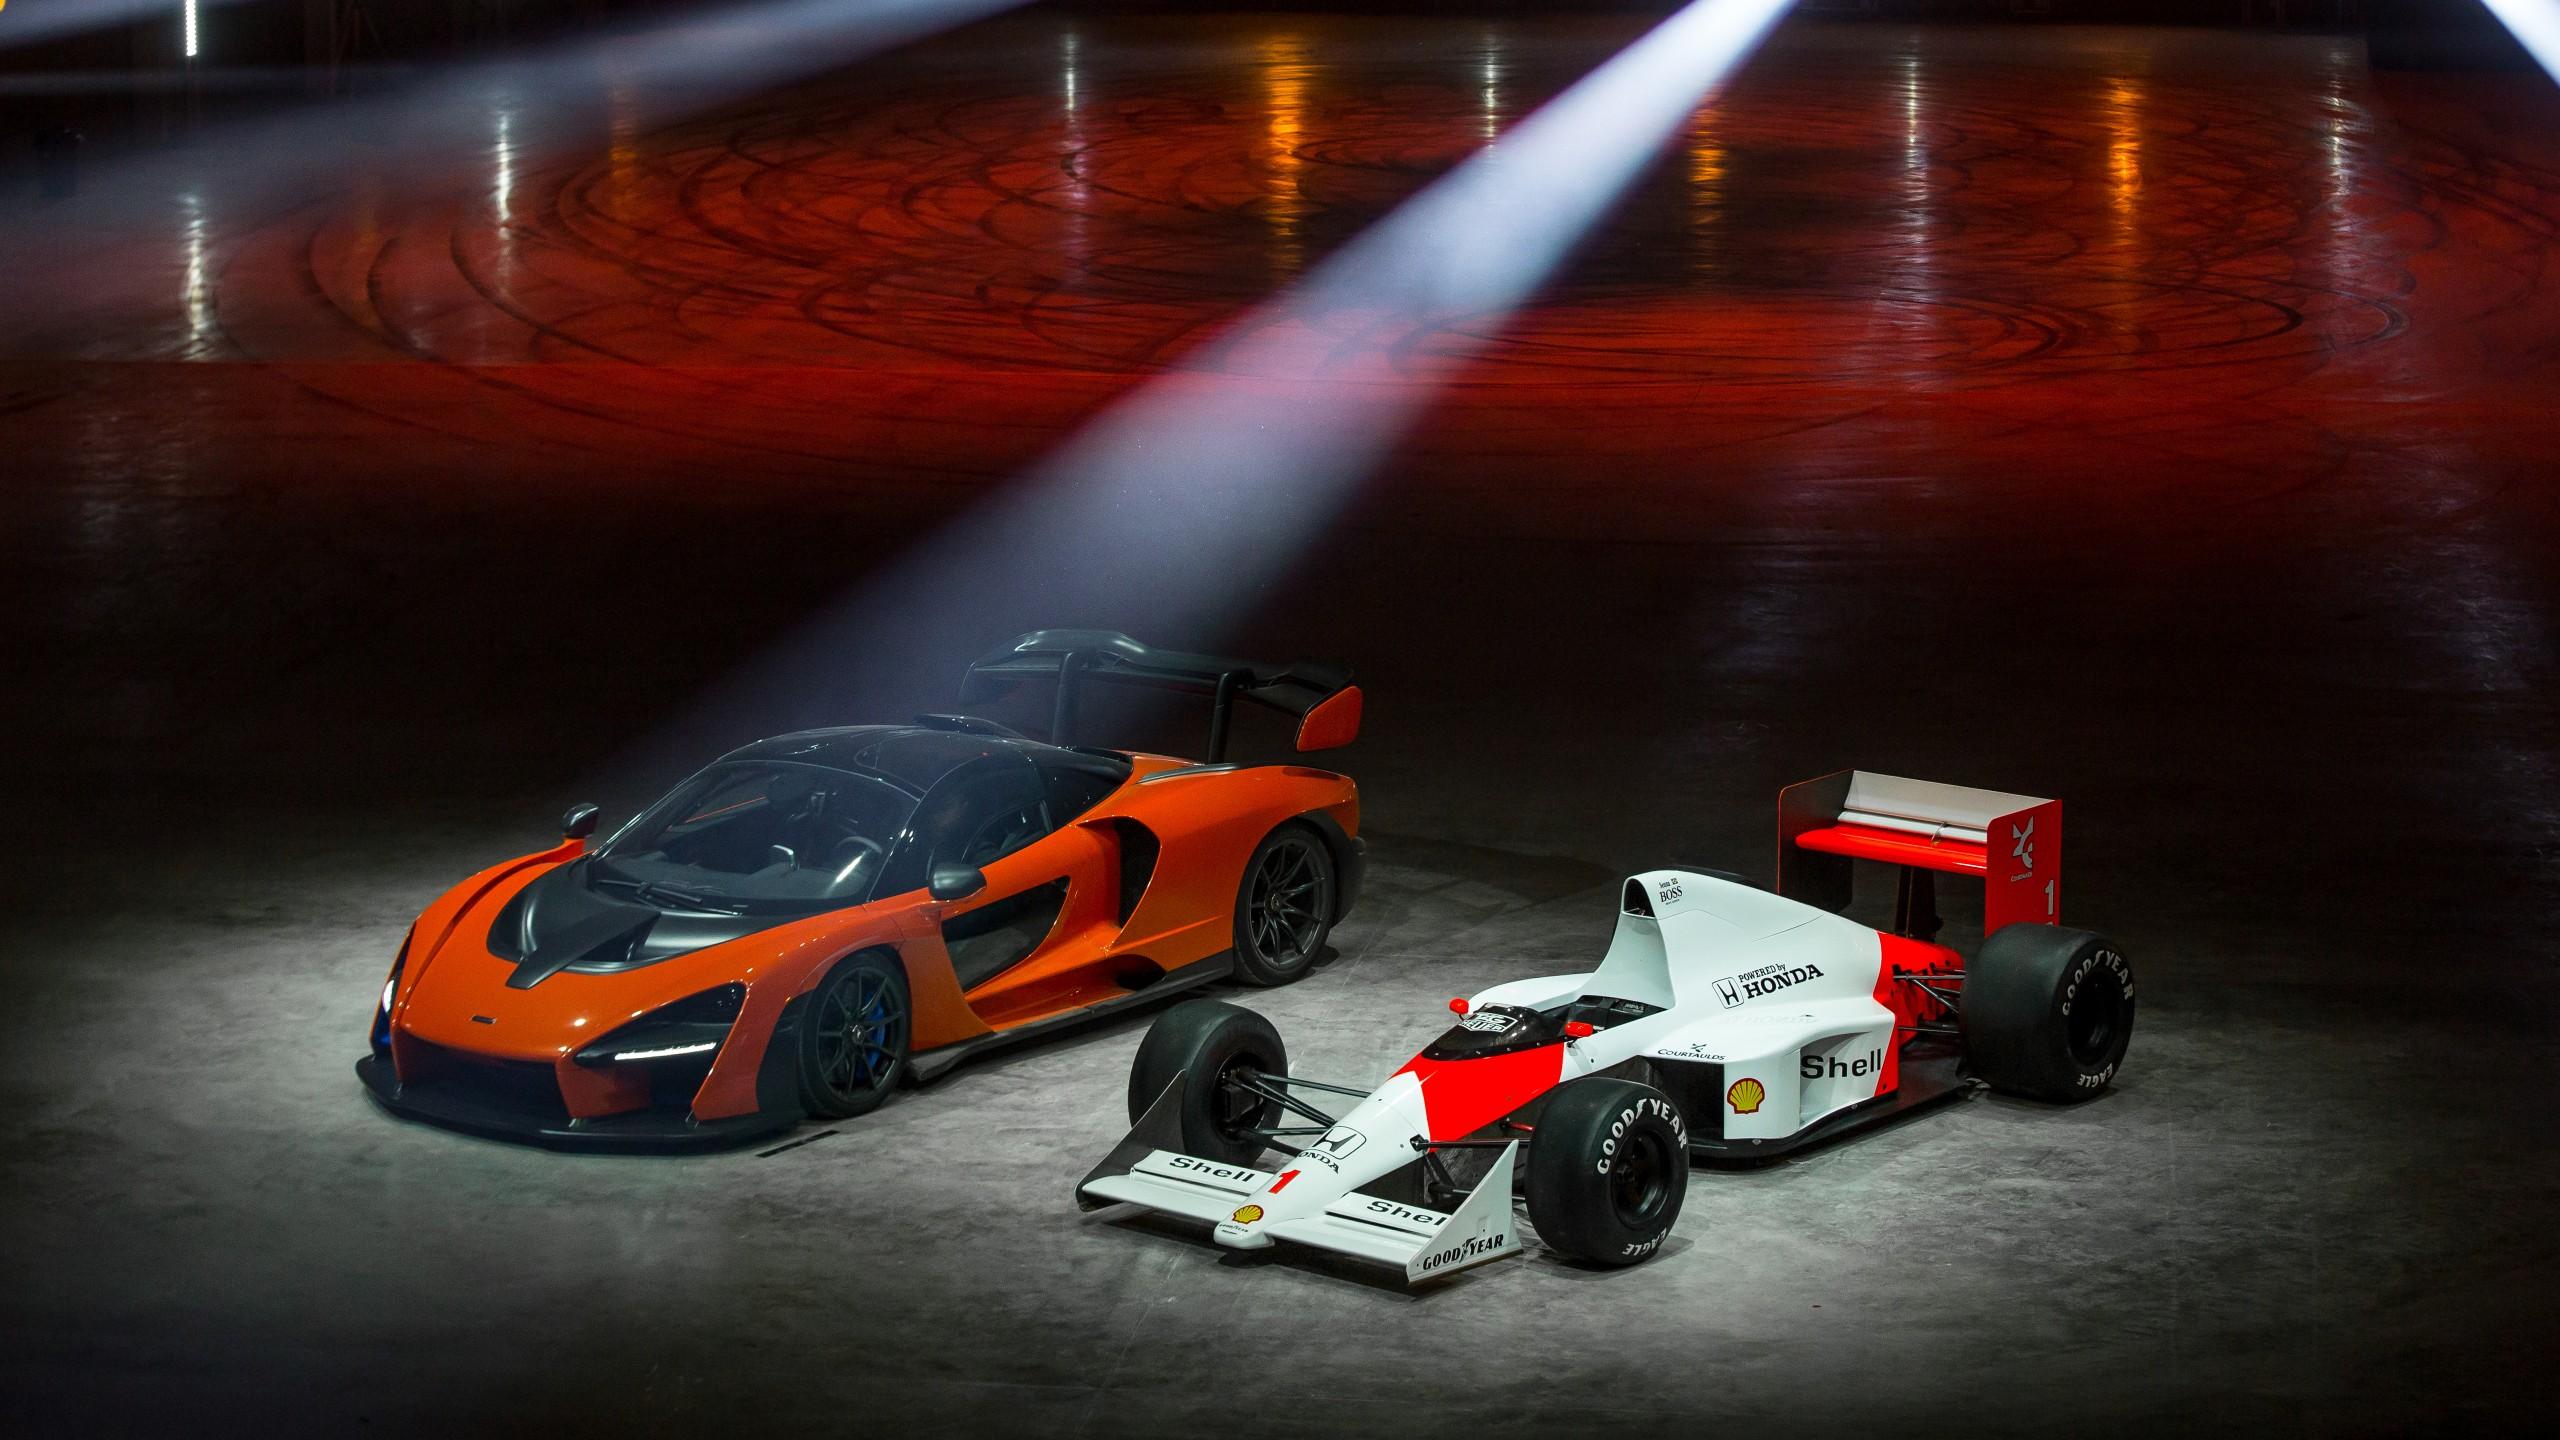 Download Hd Wallpapers Of Audi Cars 2018 Mclaren Senna P15 5k 2 Wallpaper Hd Car Wallpapers